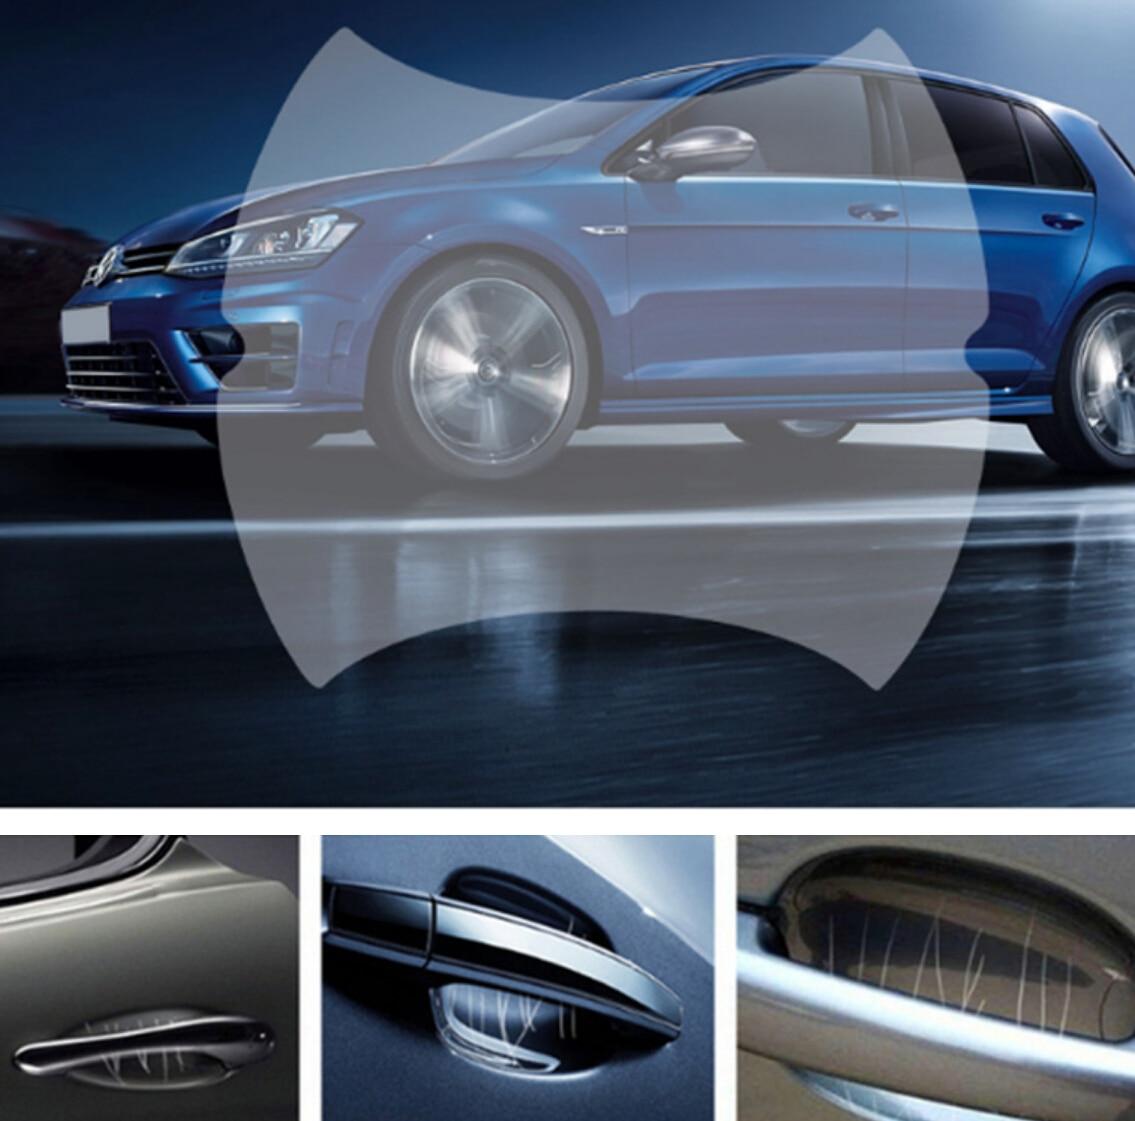 Apoyabrazos Reposabrazos Dacia Duster Fase 1 y 2 Negro 2010-2017 Original